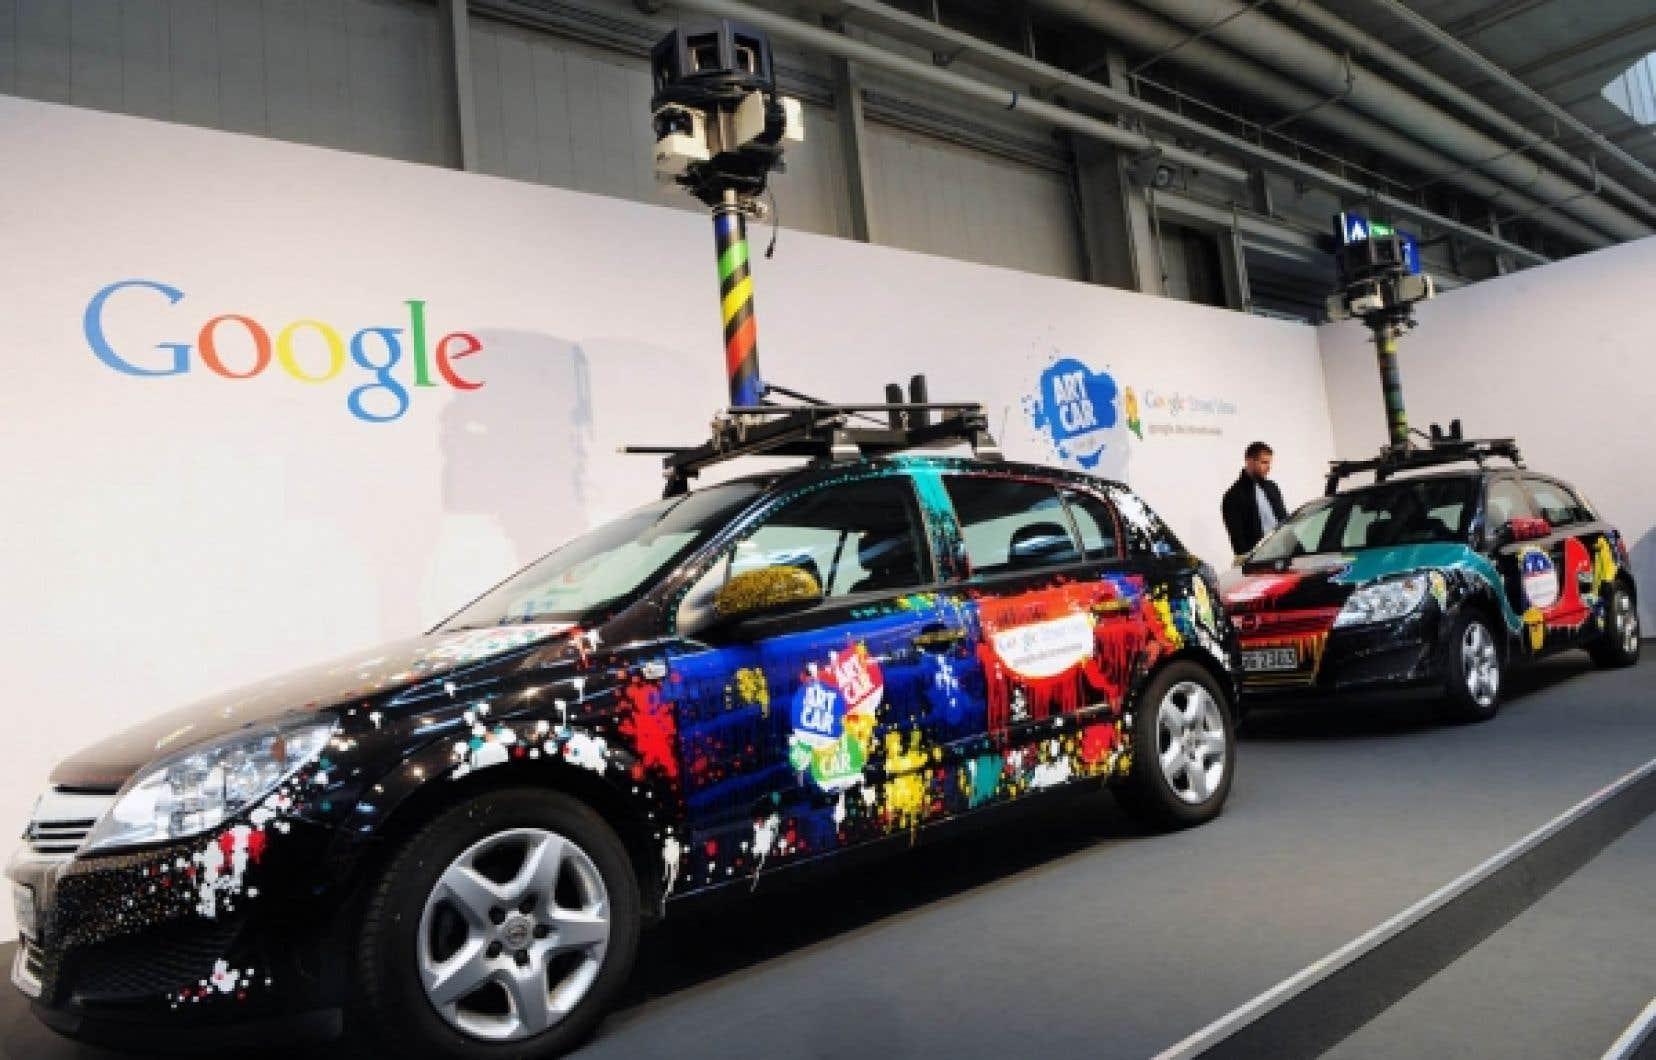 Les voitures chargées par Google de photographier l'environnement bâti d'un océan à l'autre pour son service de cartographie Street View étaient aussi équipées d'un logiciel doté d'un code particulier qui permettait de capter les signaux de réseaux sans fil et d'extraire les données qu'ils contenaient.<br />